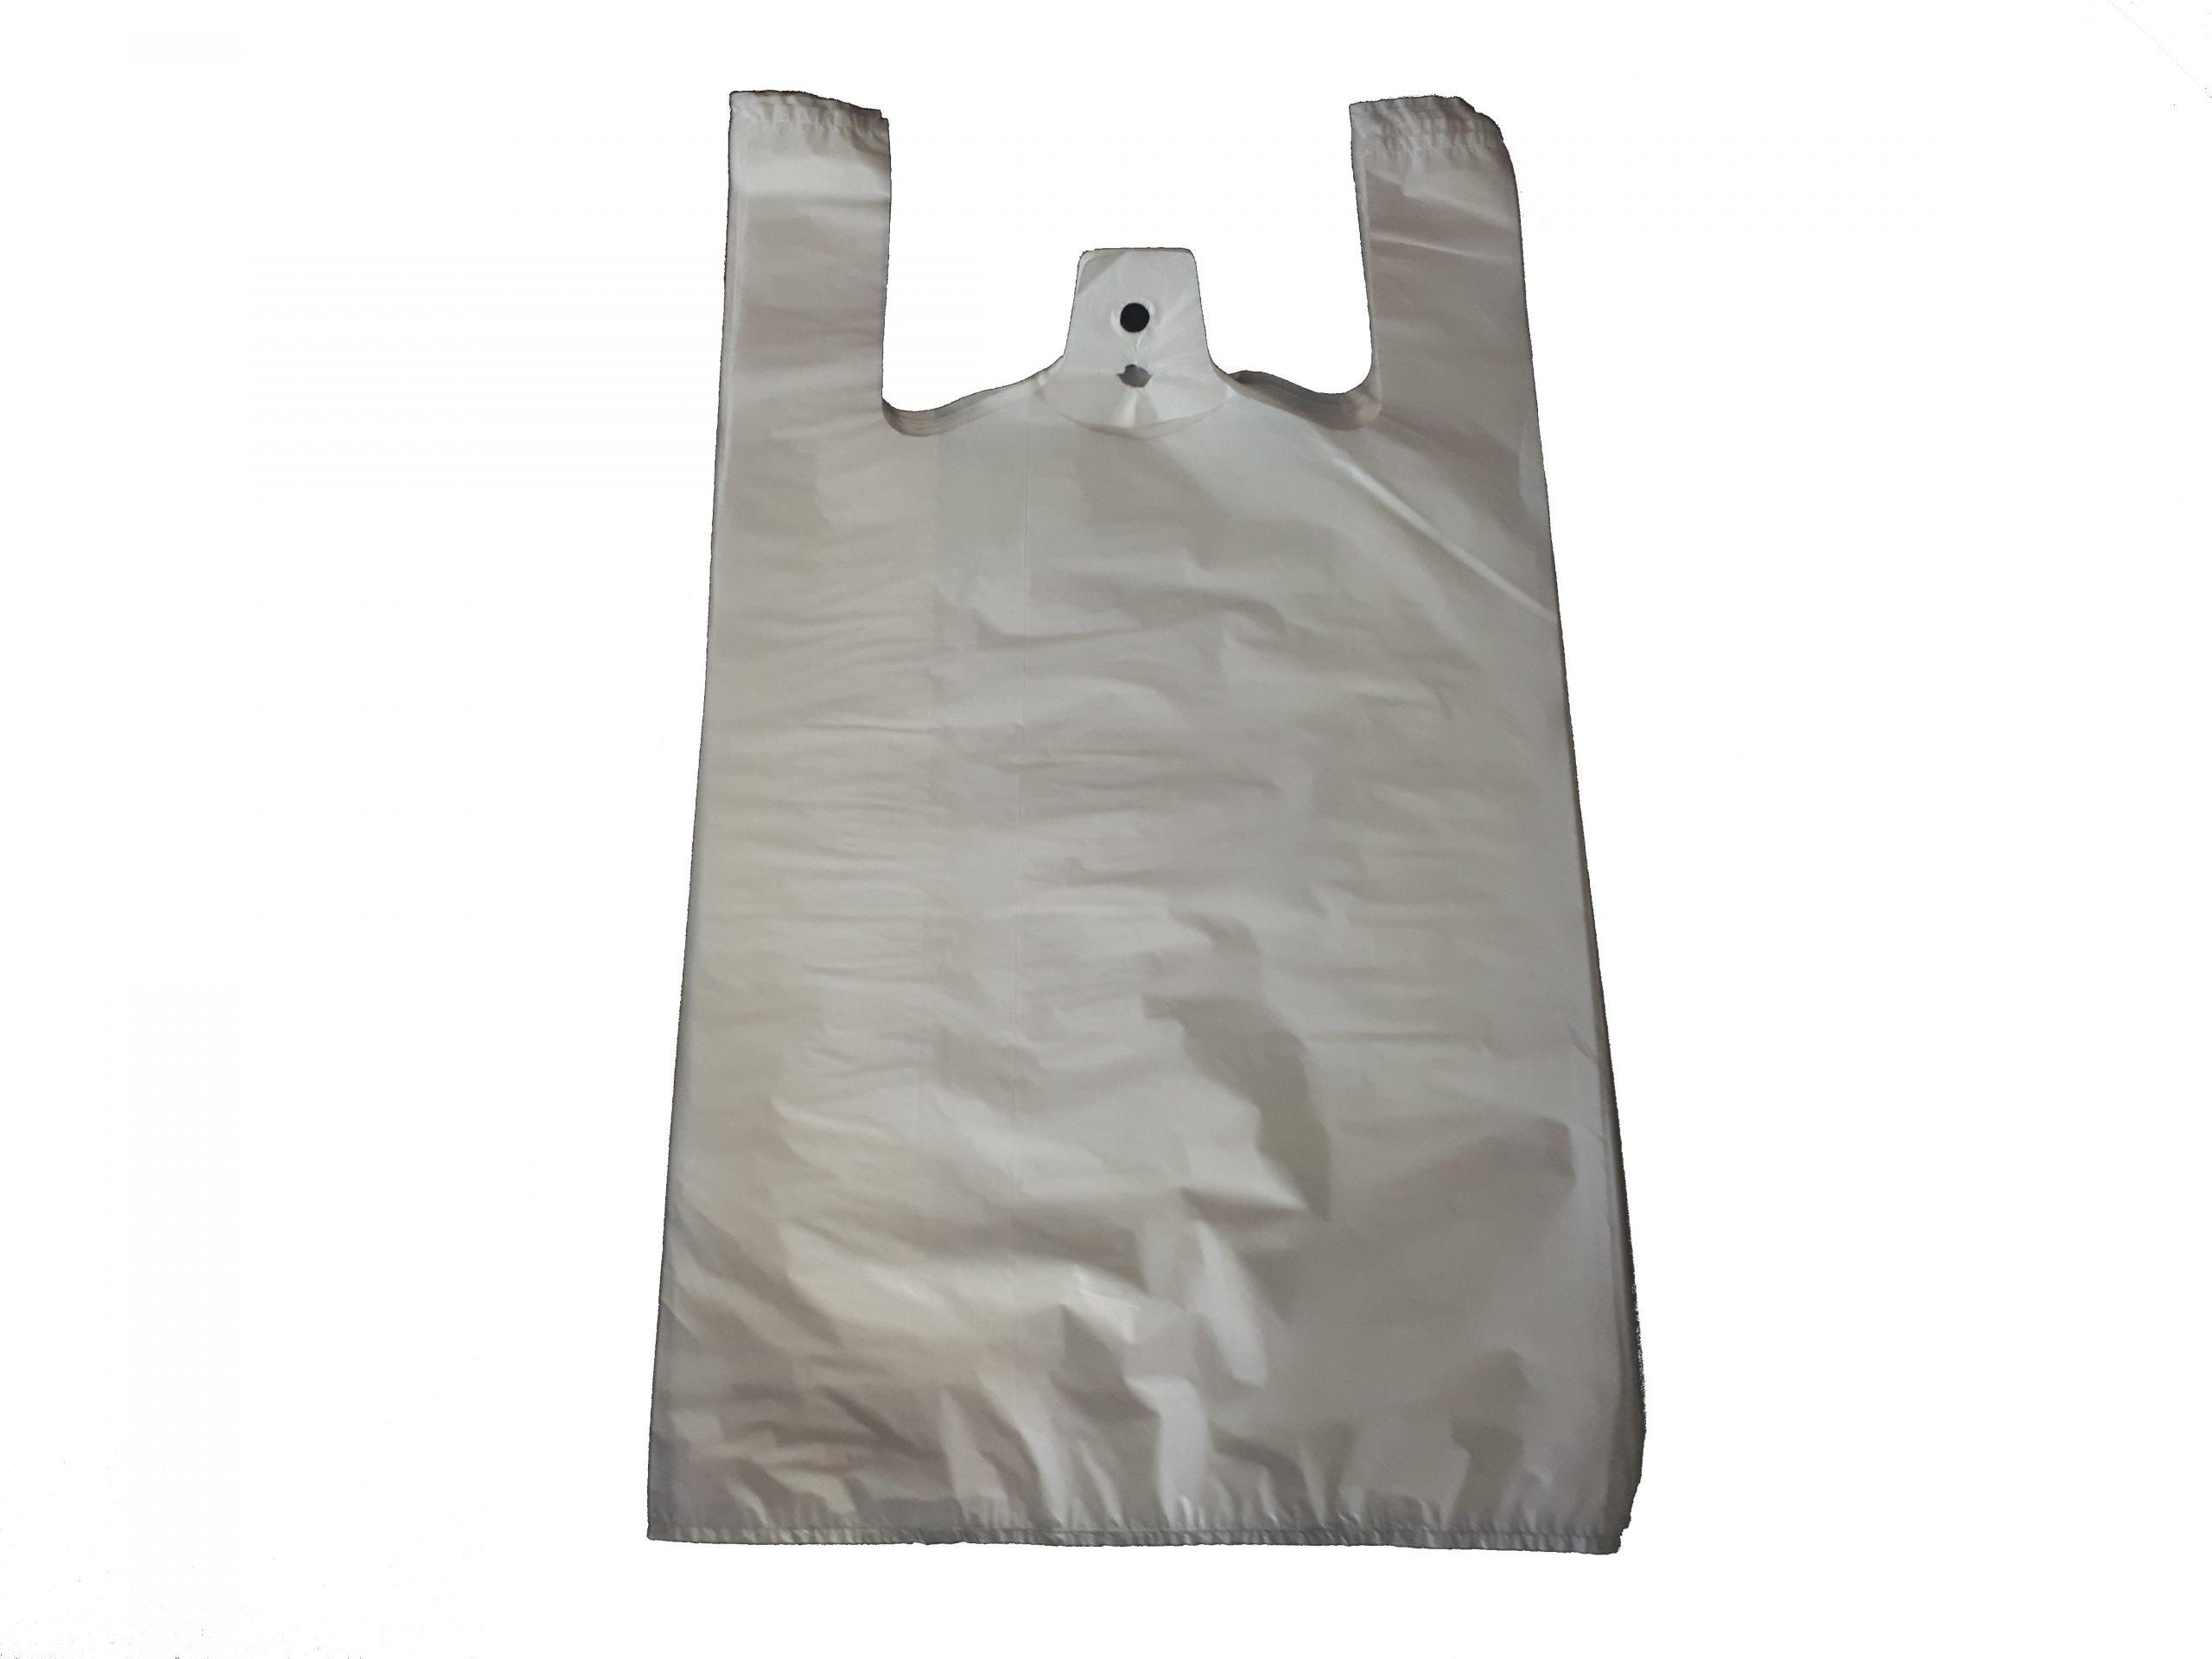 AKTION LDPE-Hemdchentragetaschen, Weiß, 28 My